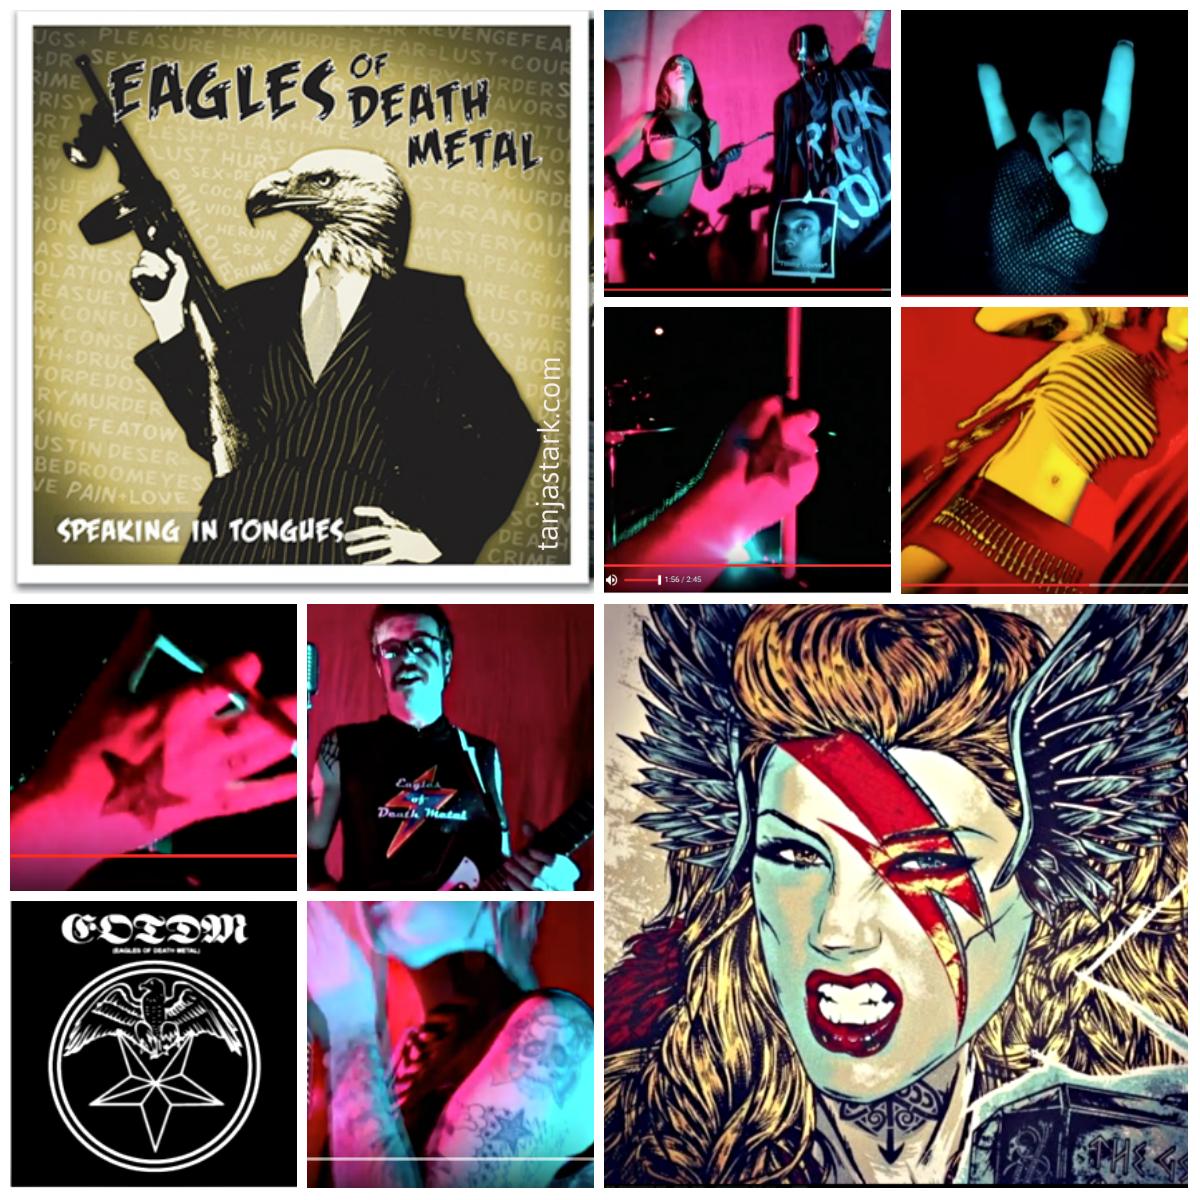 eagels of death metal collage.jpg